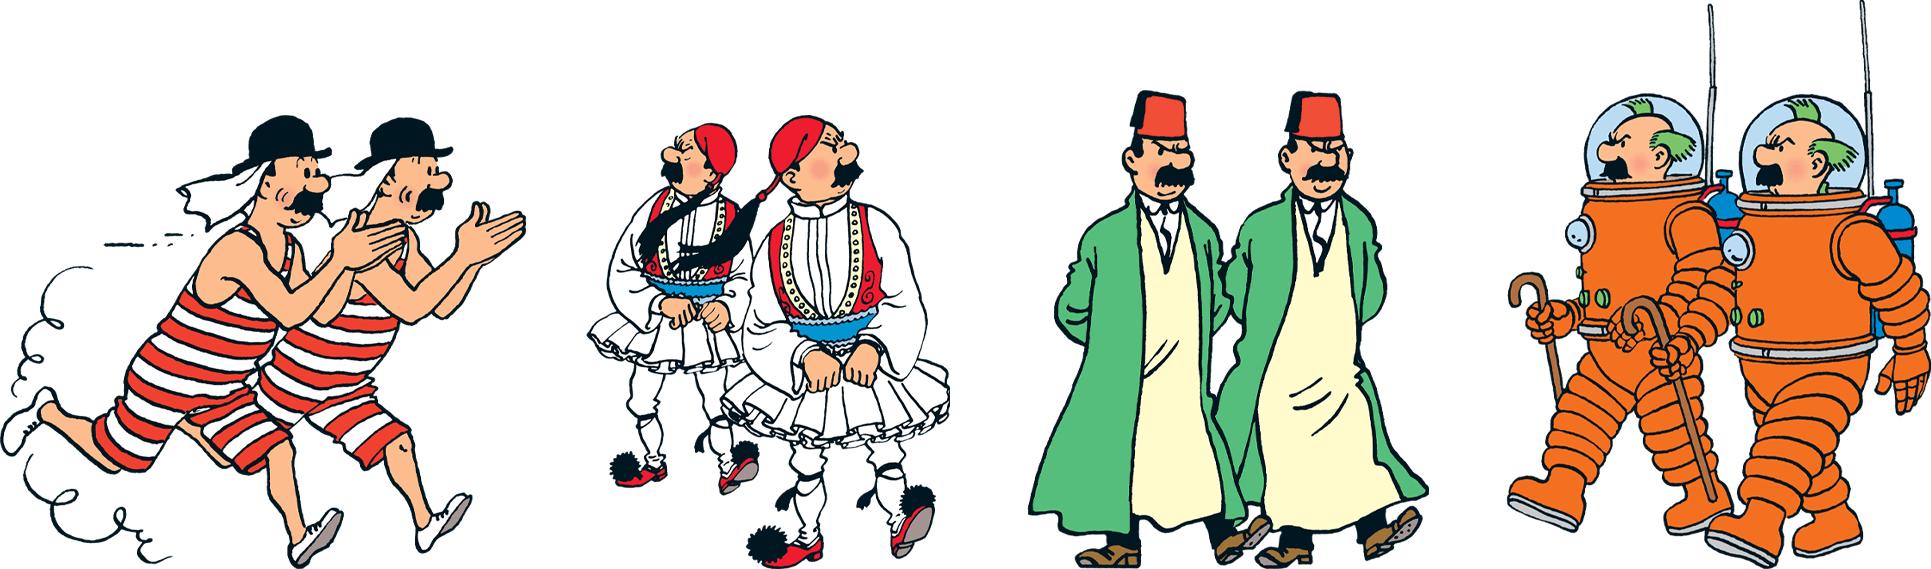 Les déguisements des Dupondt